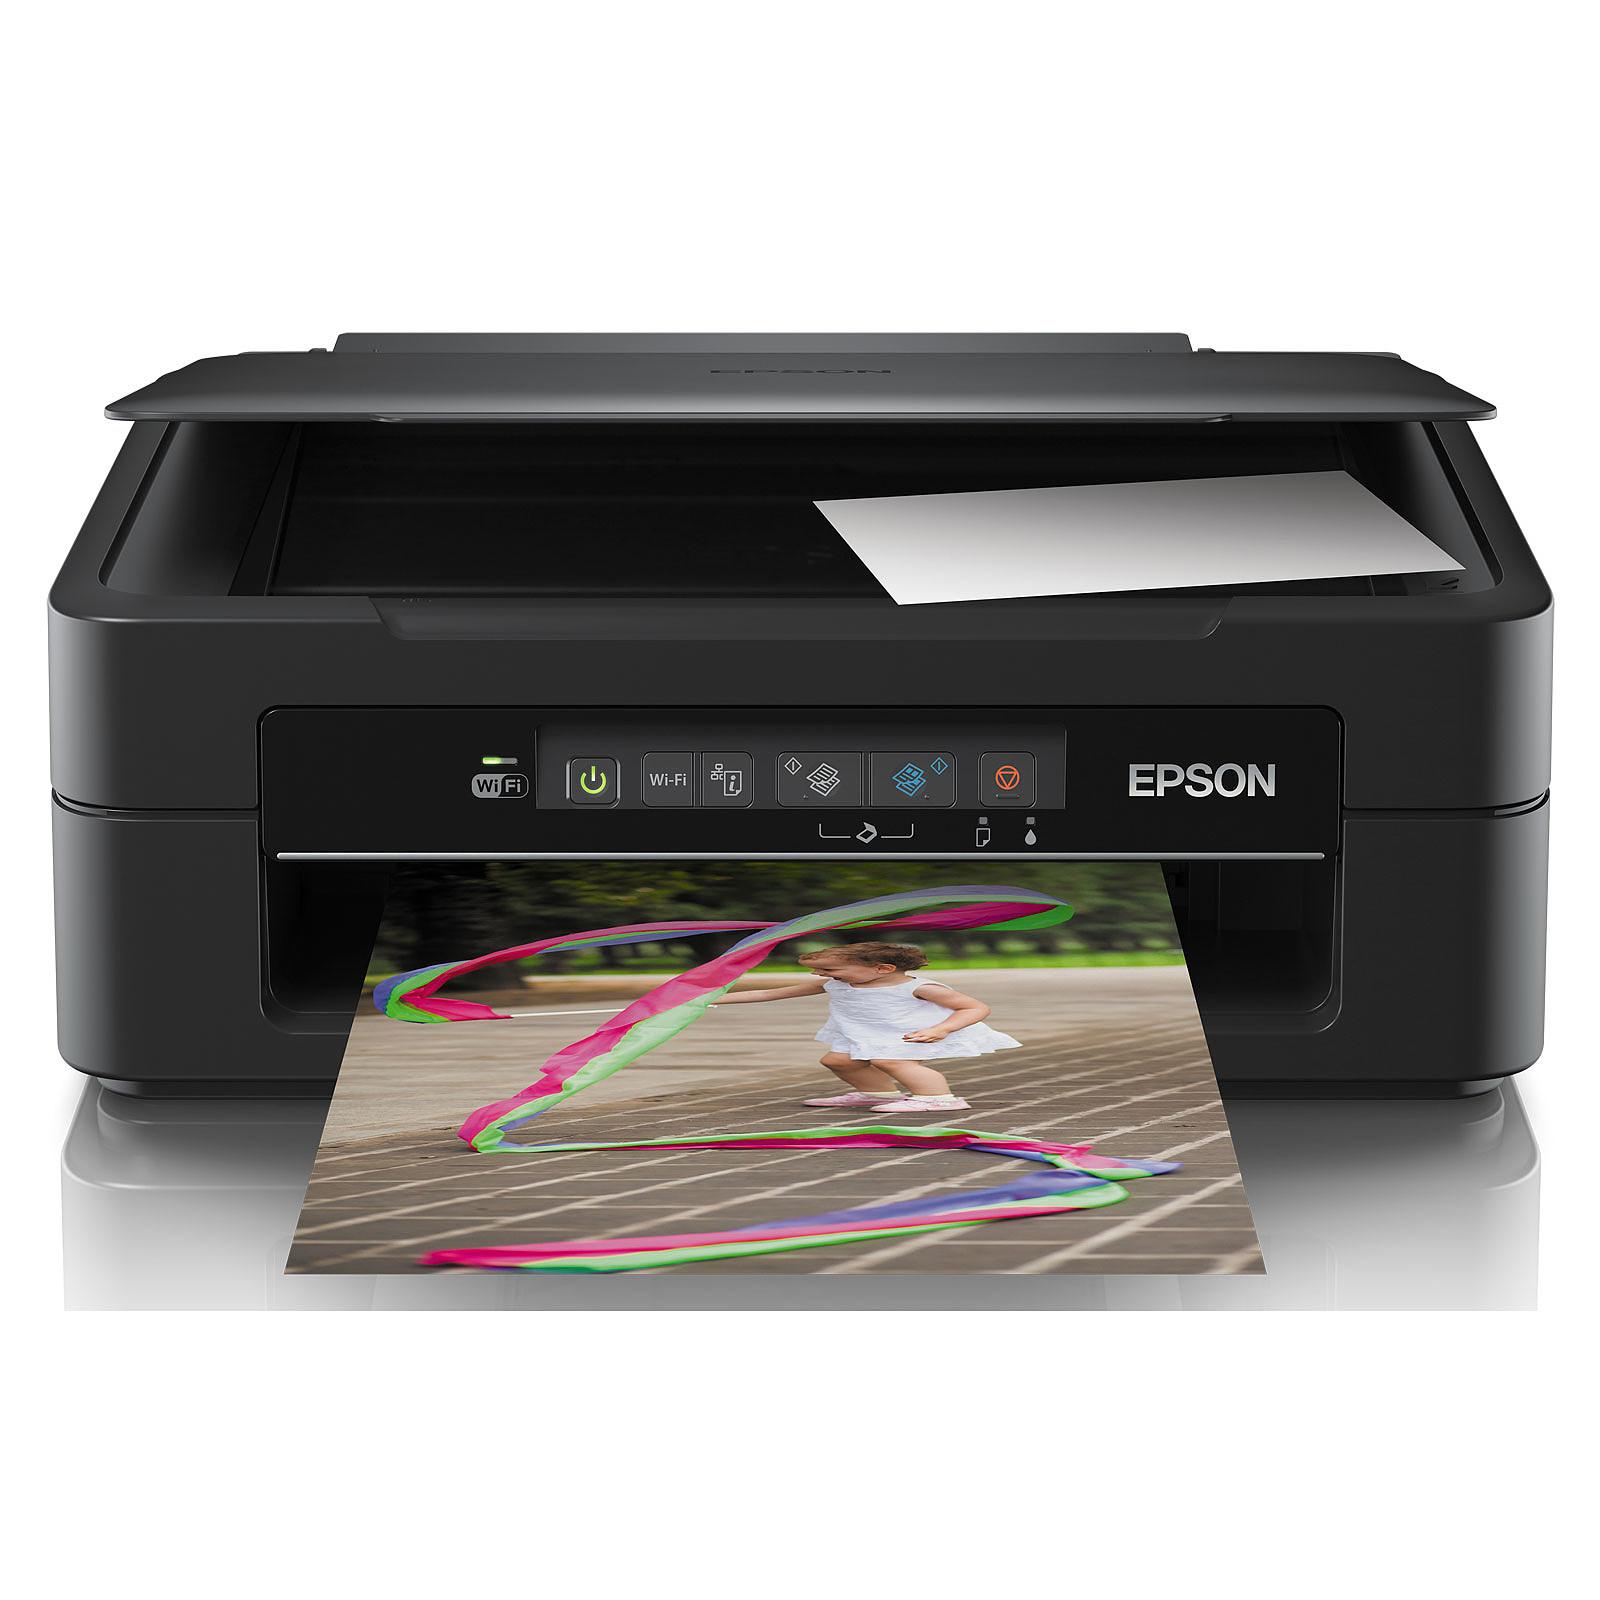 logiciel imprimante epson xp 225